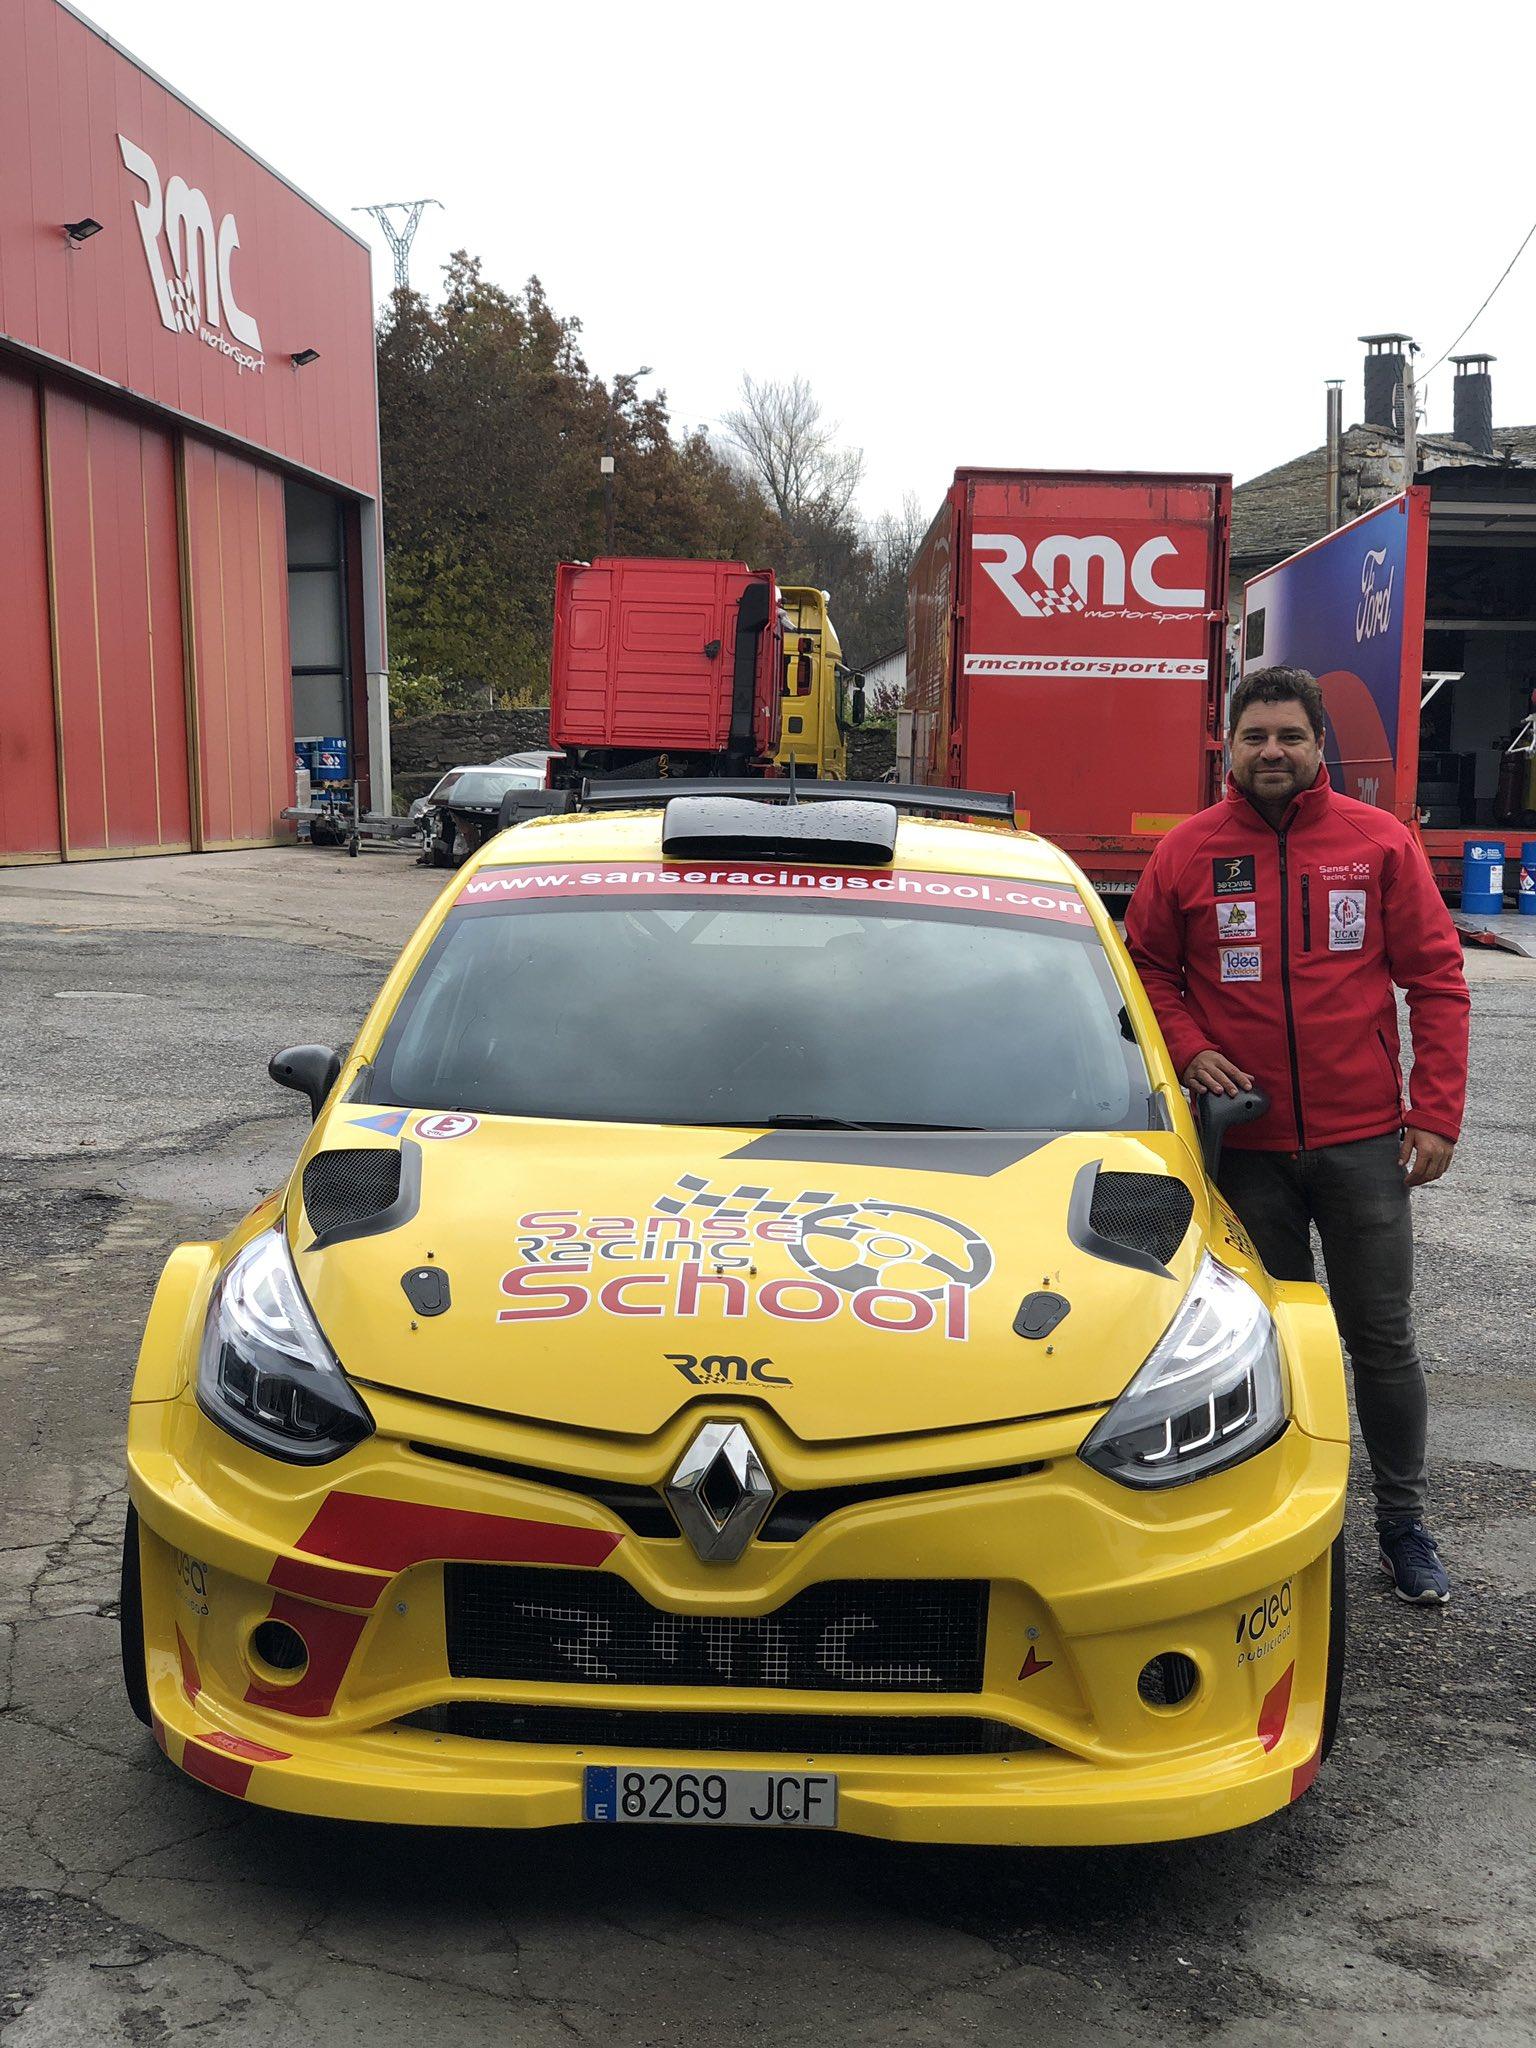 CERA: 9º Rallye Comunidad de Madrid - RACE [23-24 Noviembre] - Página 2 DscFRfoX4AAn6G6